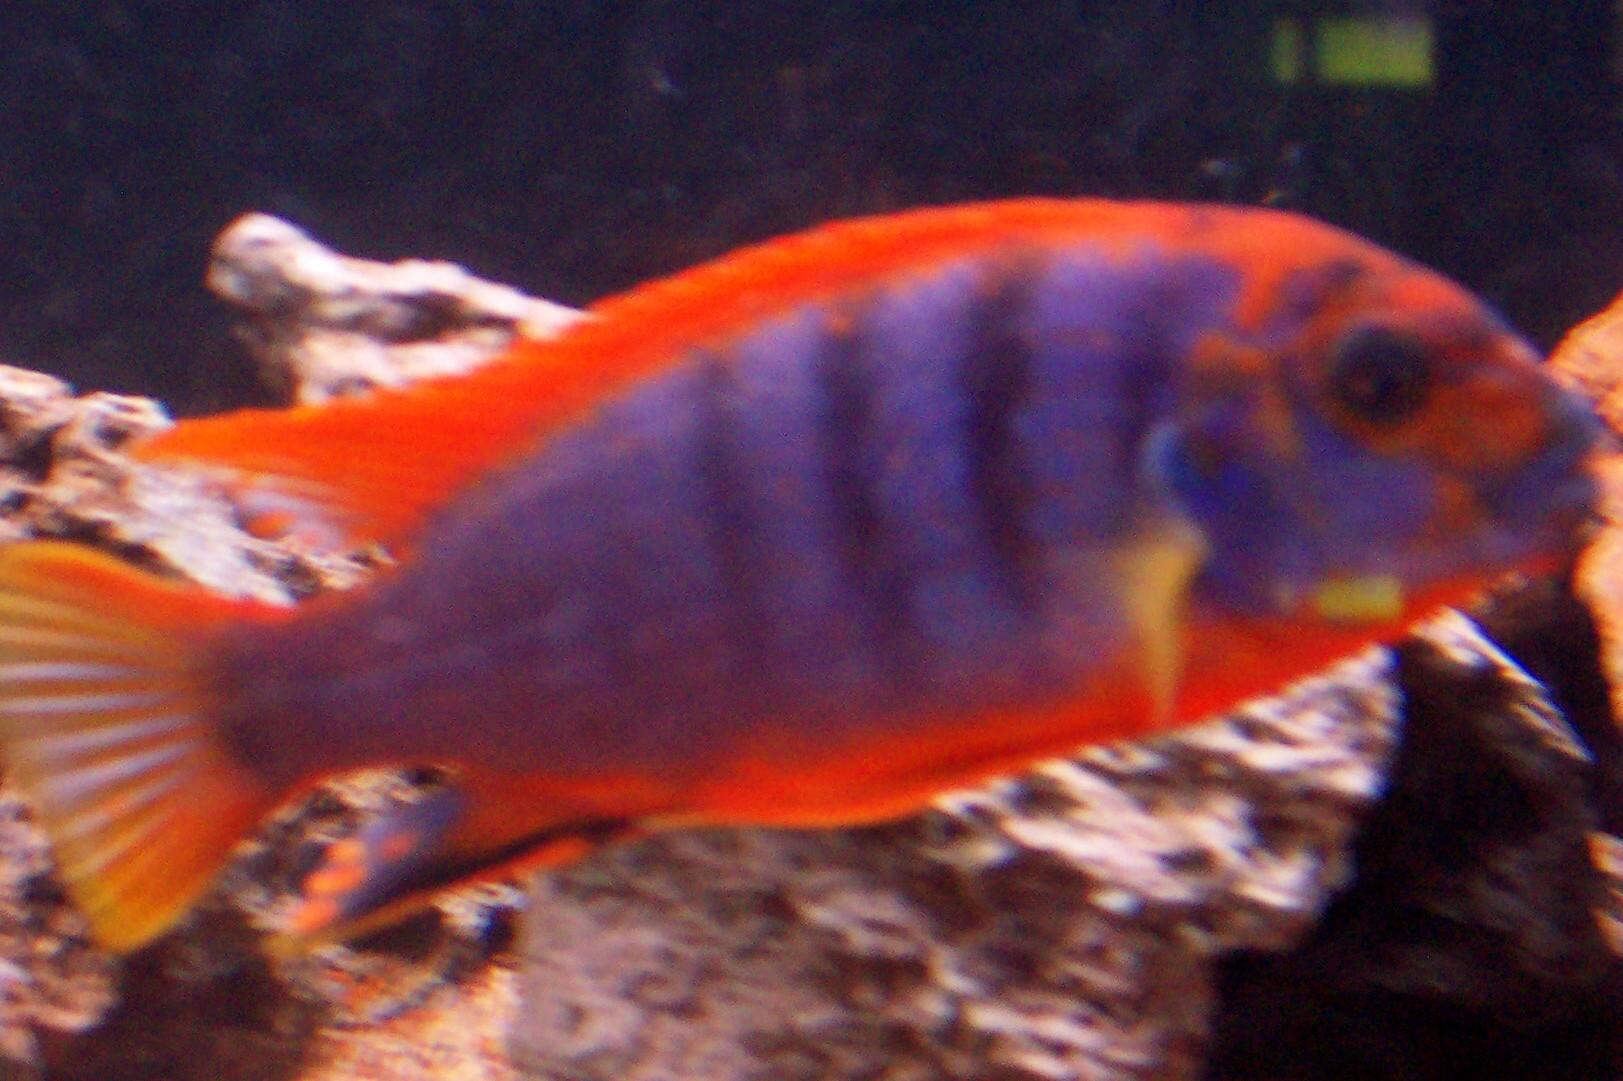 cichlids.com: srt hongi